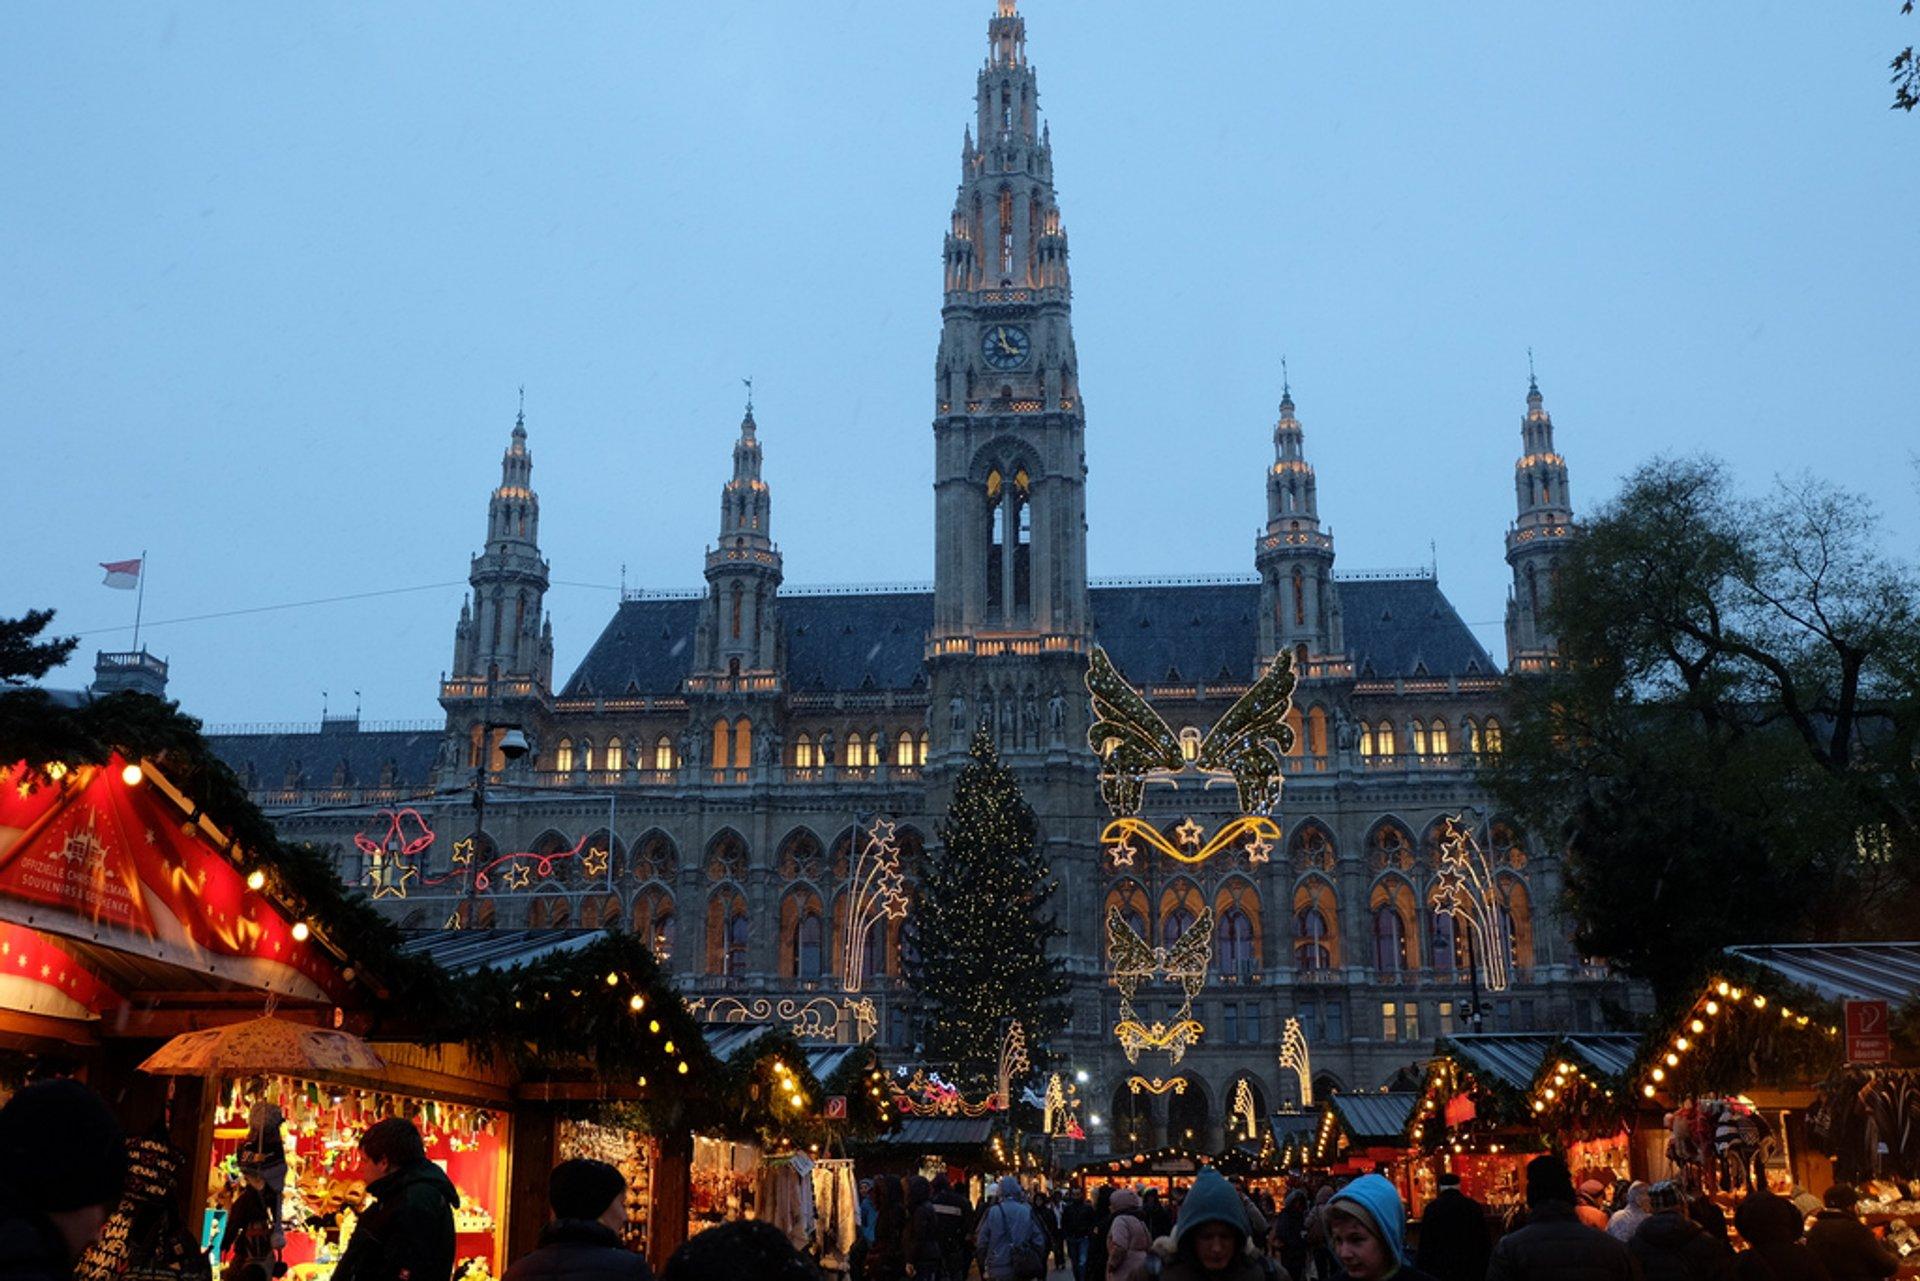 Christmas Markets (Weihnachtsmärkte) in Vienna 2020 - Best Time